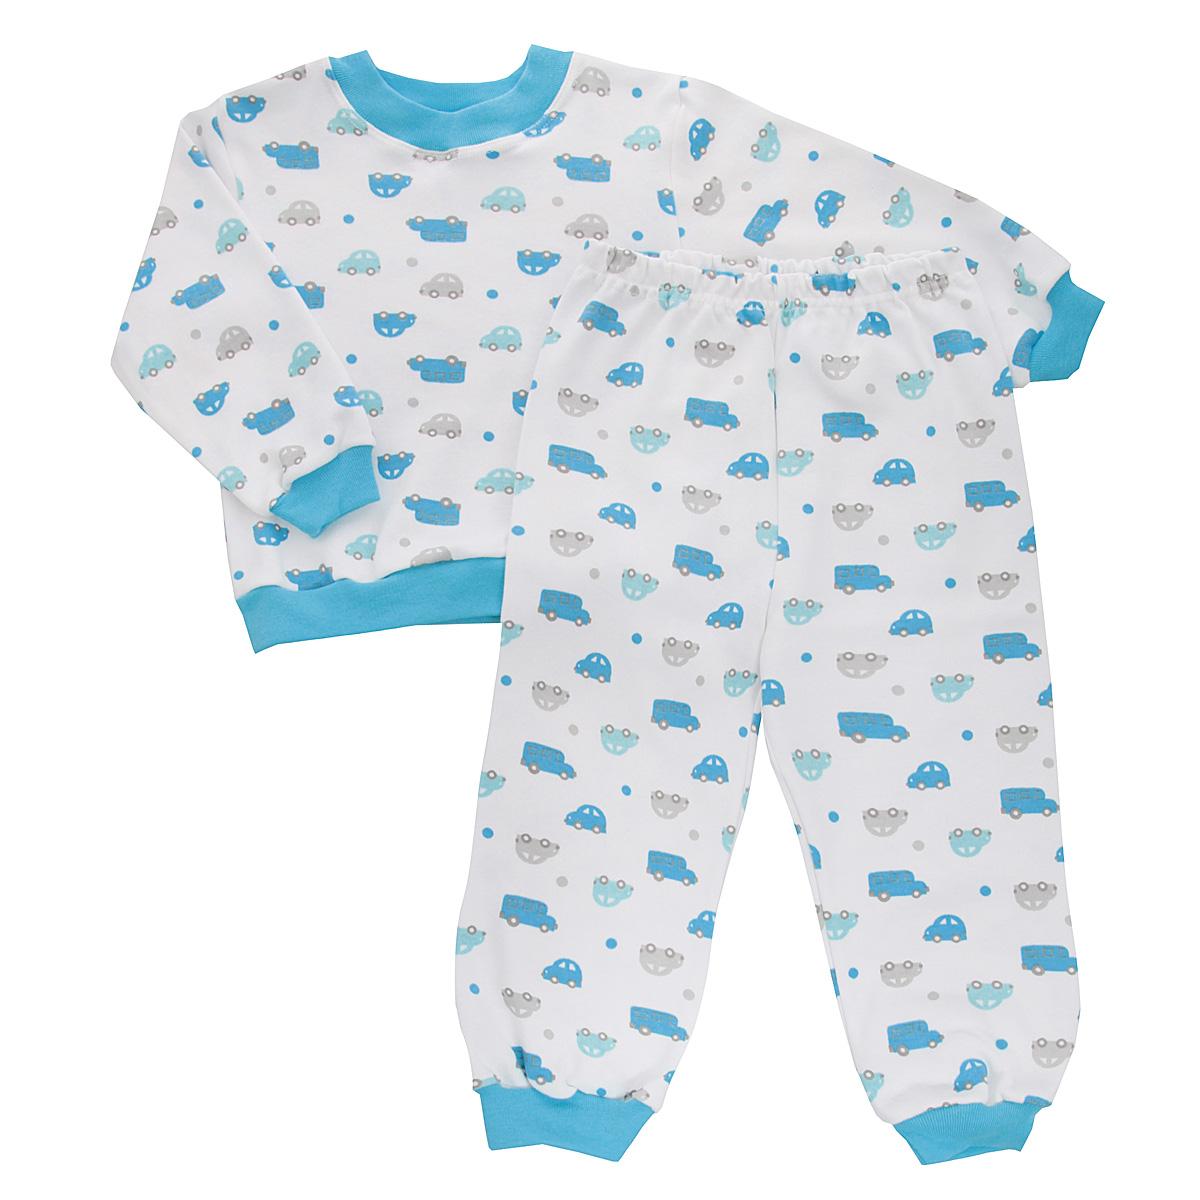 Пижама для мальчика Трон-плюс, цвет: белый, голубой. 5555_машинки. Размер 80/86, 1-2 года5555_машинкиУютная пижама для мальчика Трон-плюс, состоящая из джемпера и брюк, идеально подойдет вашему ребенку и станет отличным дополнением к детскому гардеробу. Изготовленная из натурального хлопка, она необычайно мягкая и легкая, не сковывает движения, позволяет коже дышать и не раздражает даже самую нежную и чувствительную кожу ребенка. Джемпер с длинными рукавами имеет круглый вырез горловины. Низ изделия, рукава и вырез горловины дополнены широкой трикотажной резинкой контрастного цвета.Брюки на талии имеют эластичную резинку, благодаря чему не сдавливают живот ребенка и не сползают. Низ брючин дополнен широкими эластичными манжетами контрастного цвета.Оформлено изделие ненавязчивым принтом с изображением машинок. В такой пижаме ваш ребенок будет чувствовать себя комфортно и уютно во время сна.